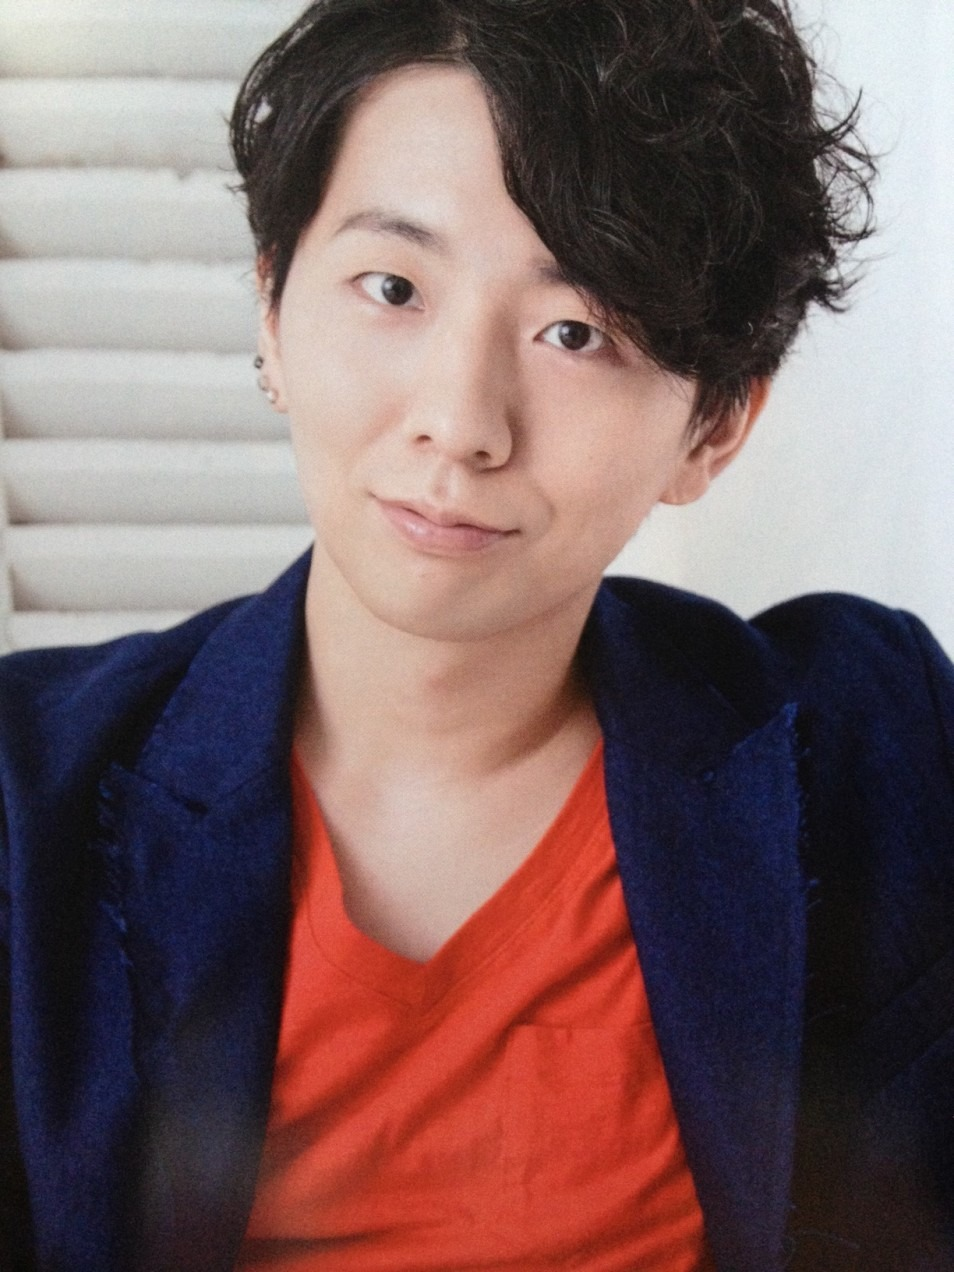 木村良平の画像 p1_37